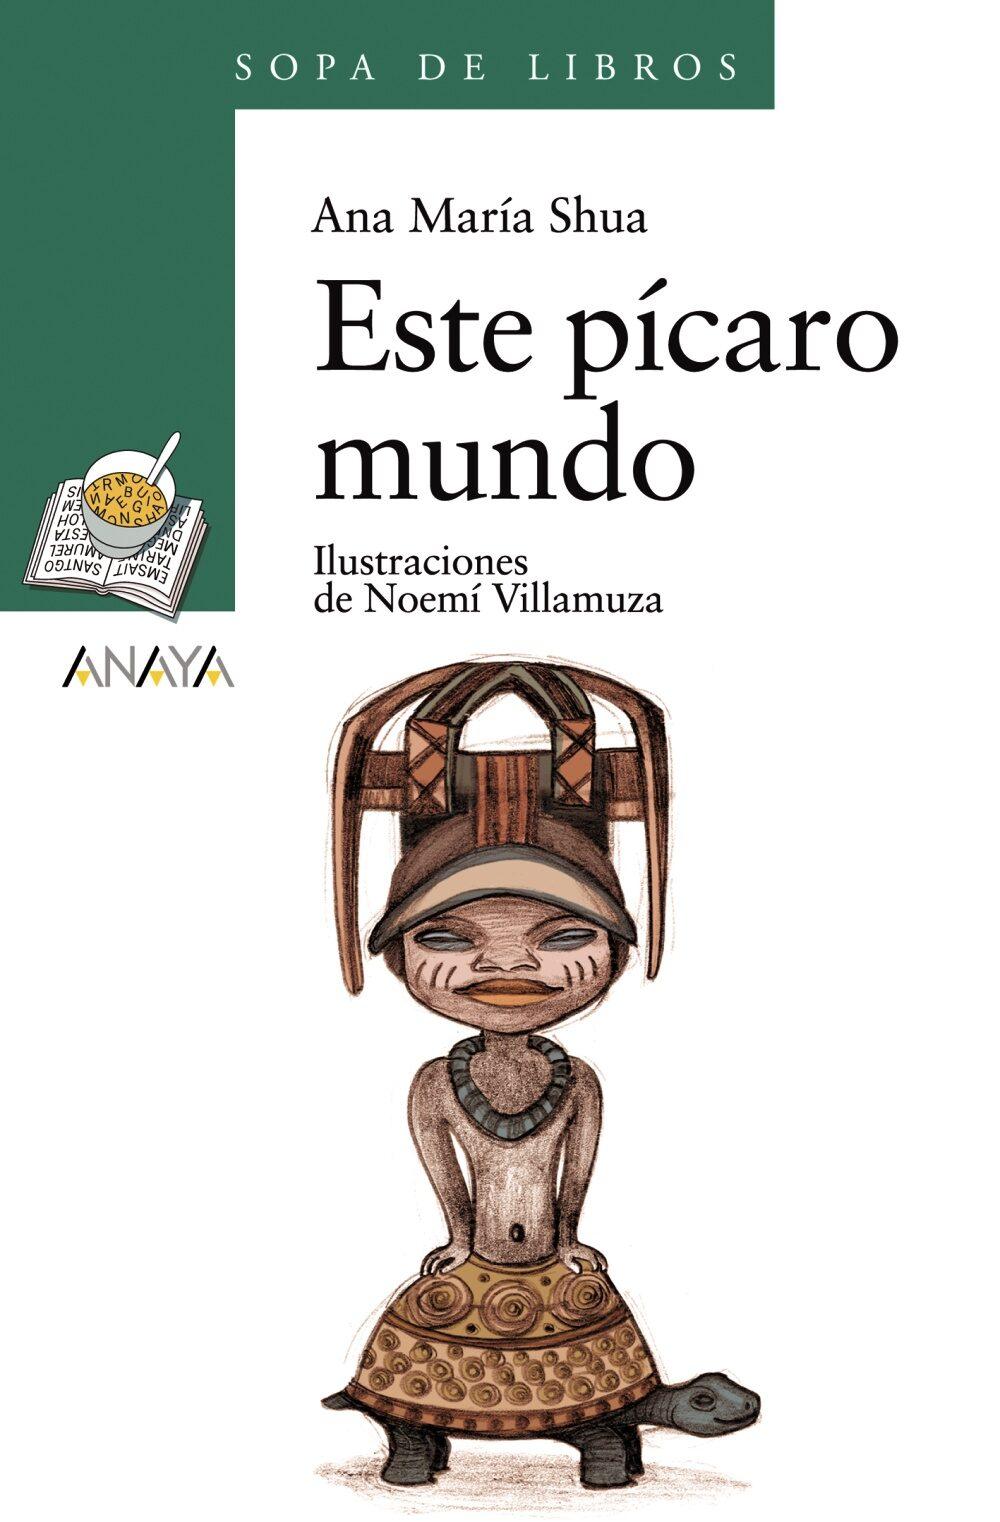 Resultado de imagen de FOTOS DE EL LIBRO ESTE PICARO MUNDO